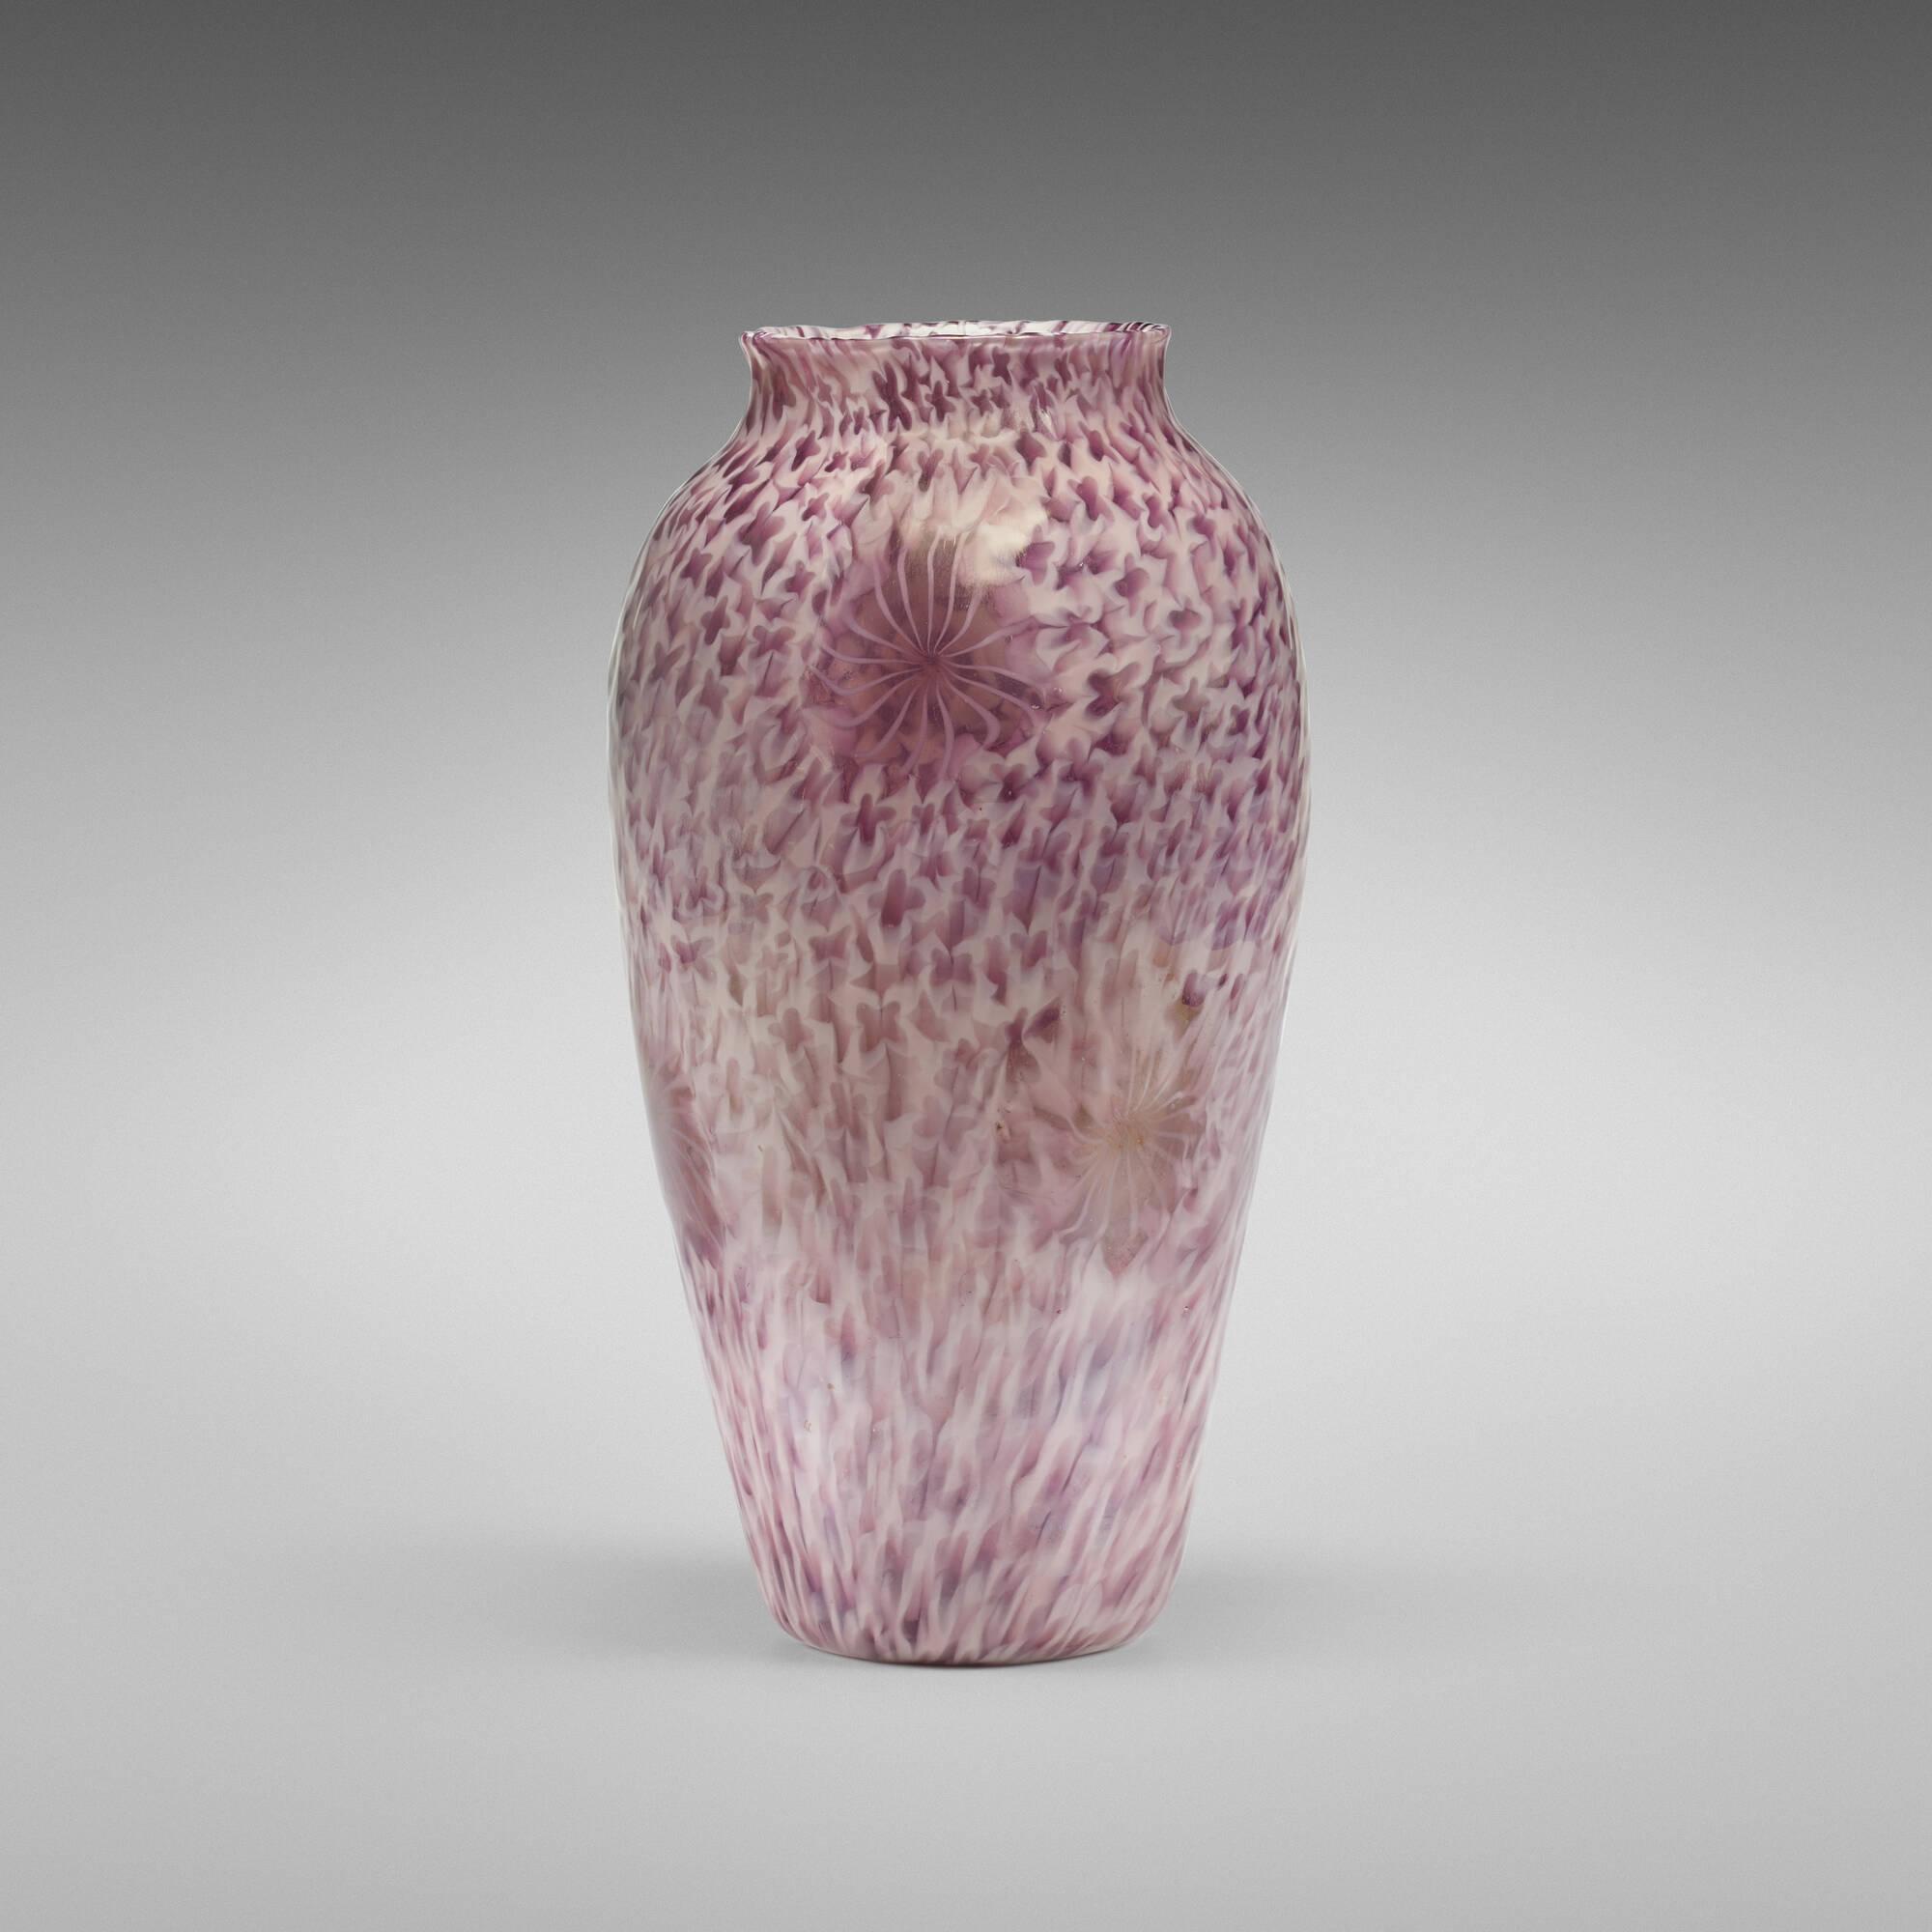 45 carlo scarpa rare a fiori murrine vase model 5943 45 carlo scarpa rare a fiori murrine vase model 5943 1 of floridaeventfo Image collections